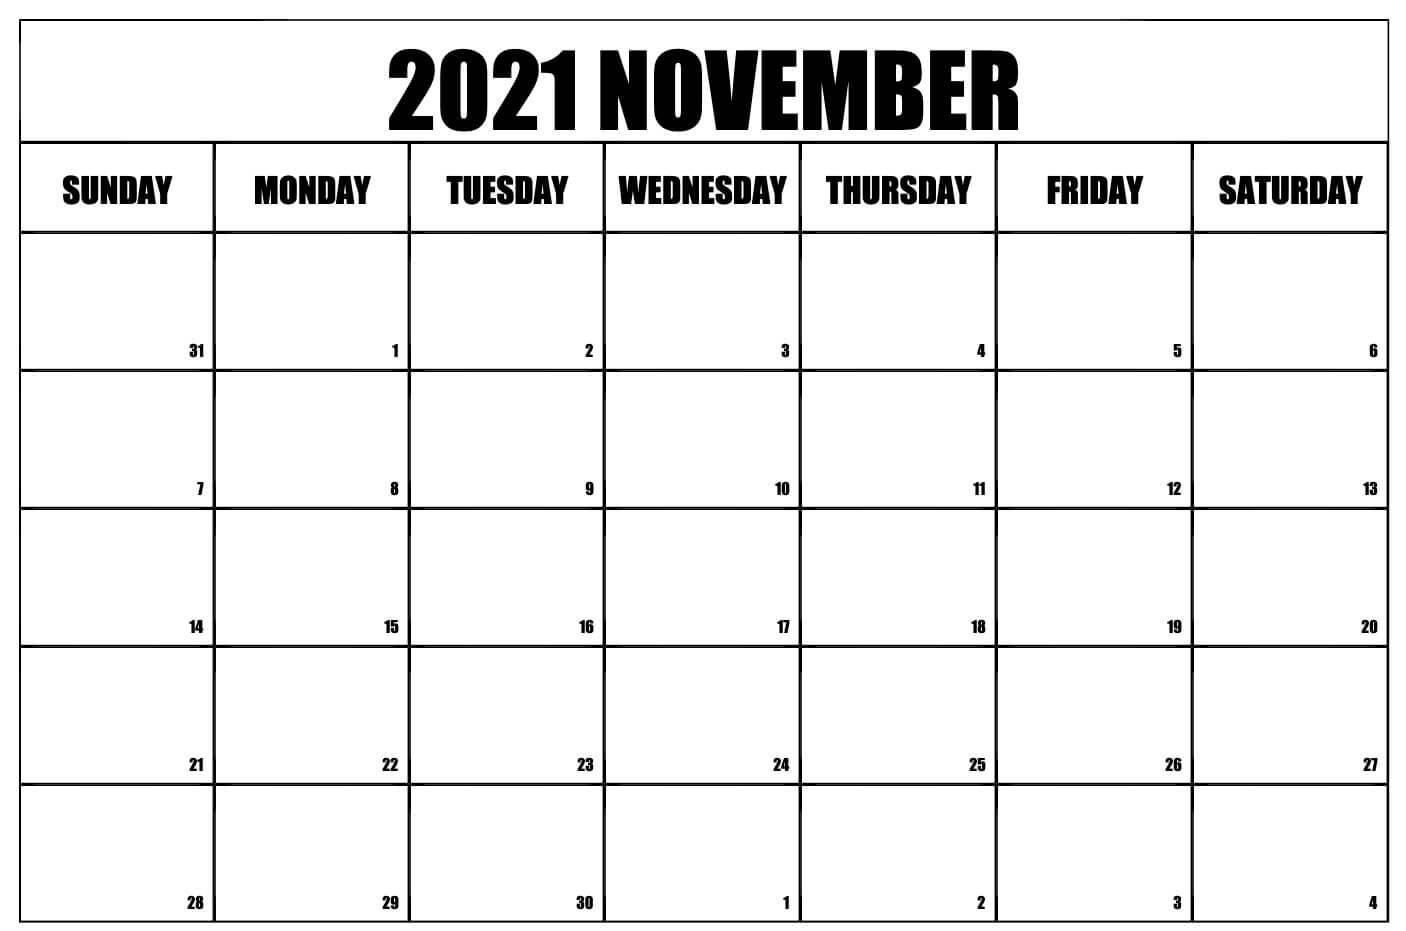 Blank November 2021 Calendar Printable Template Notes